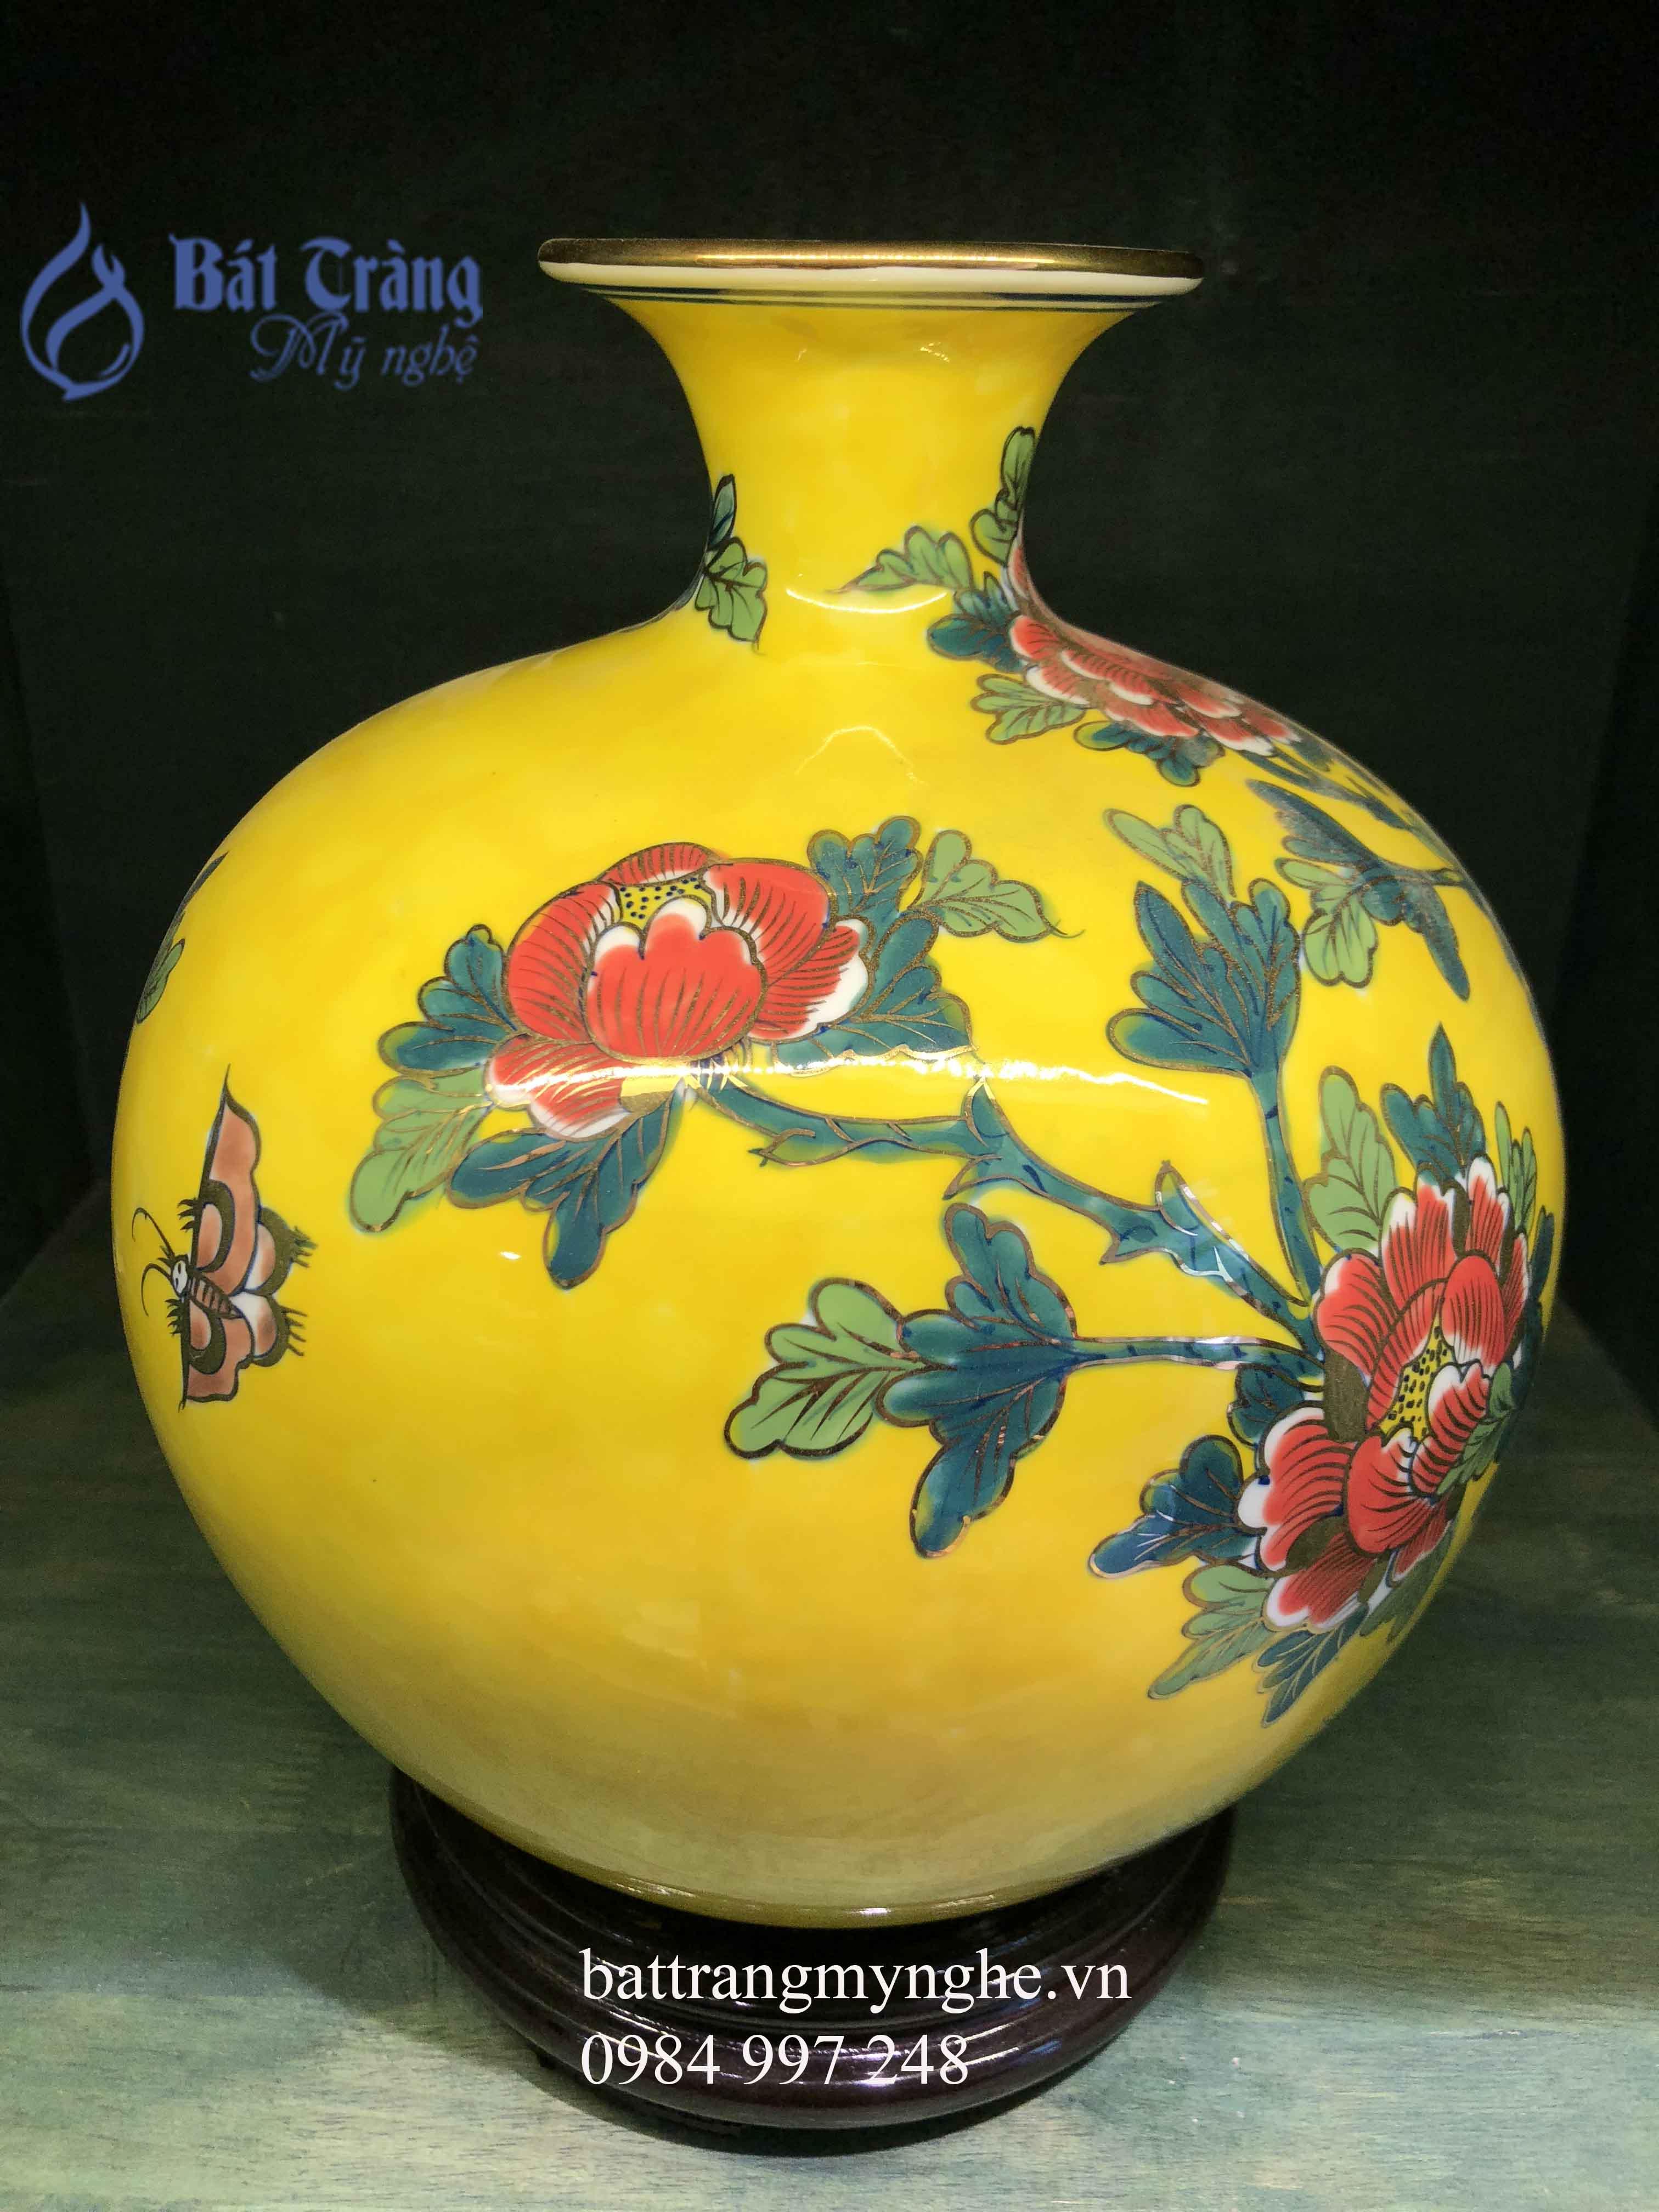 Bình hút tài lộc vẽ công hoa cao 30cm men vàng